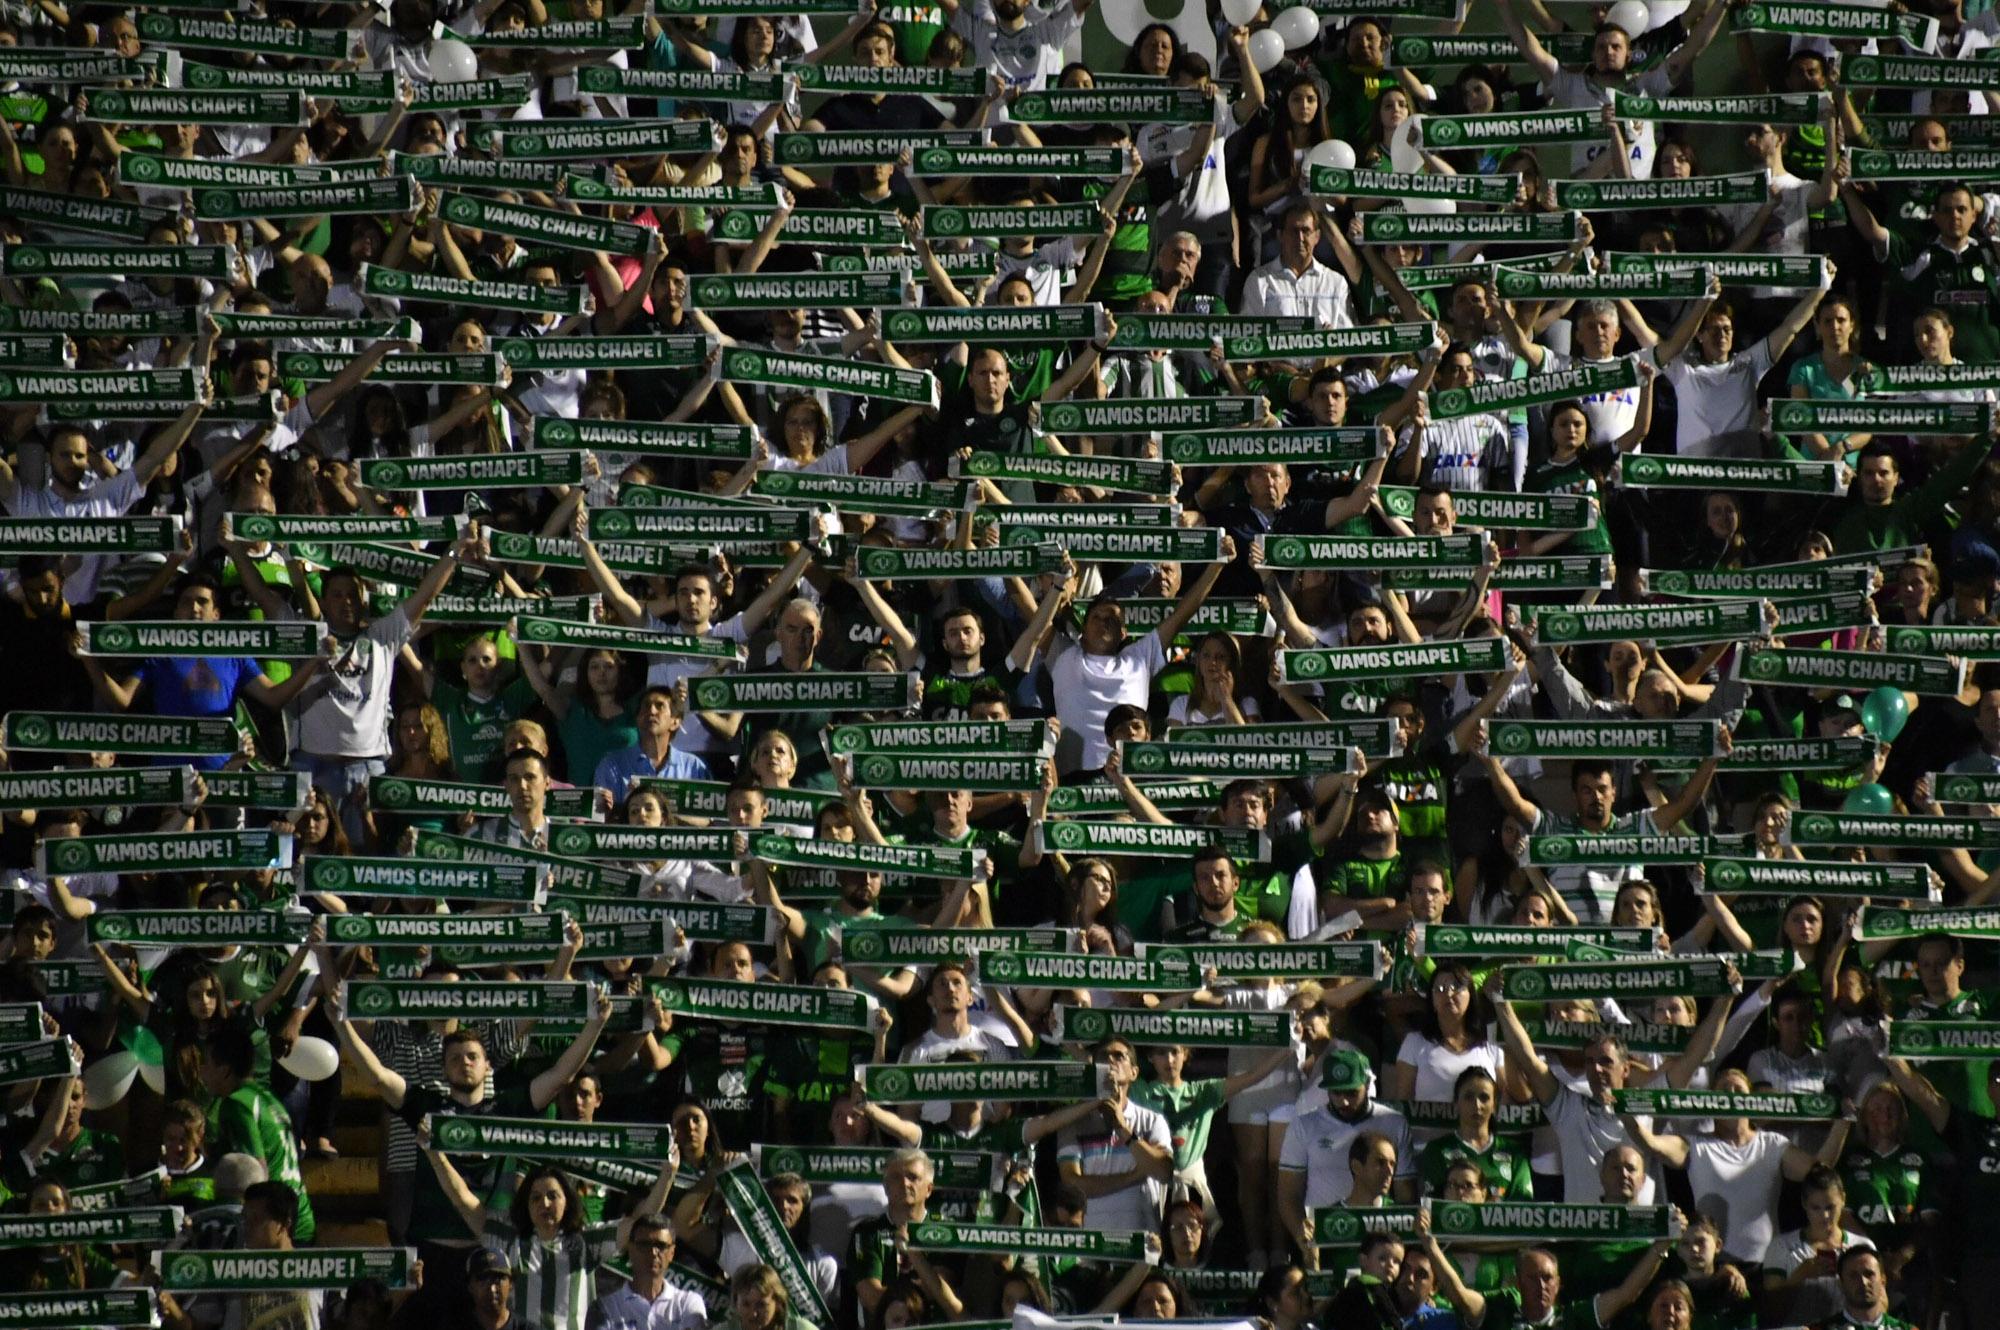 Torcedores da Chapecoense lotam a Arena Condá, em Chapecó (SC), em homenagem às vítimas da queda do avião que levava os jogadores do time para disputar a final da Copa sul-americana na Colômbia